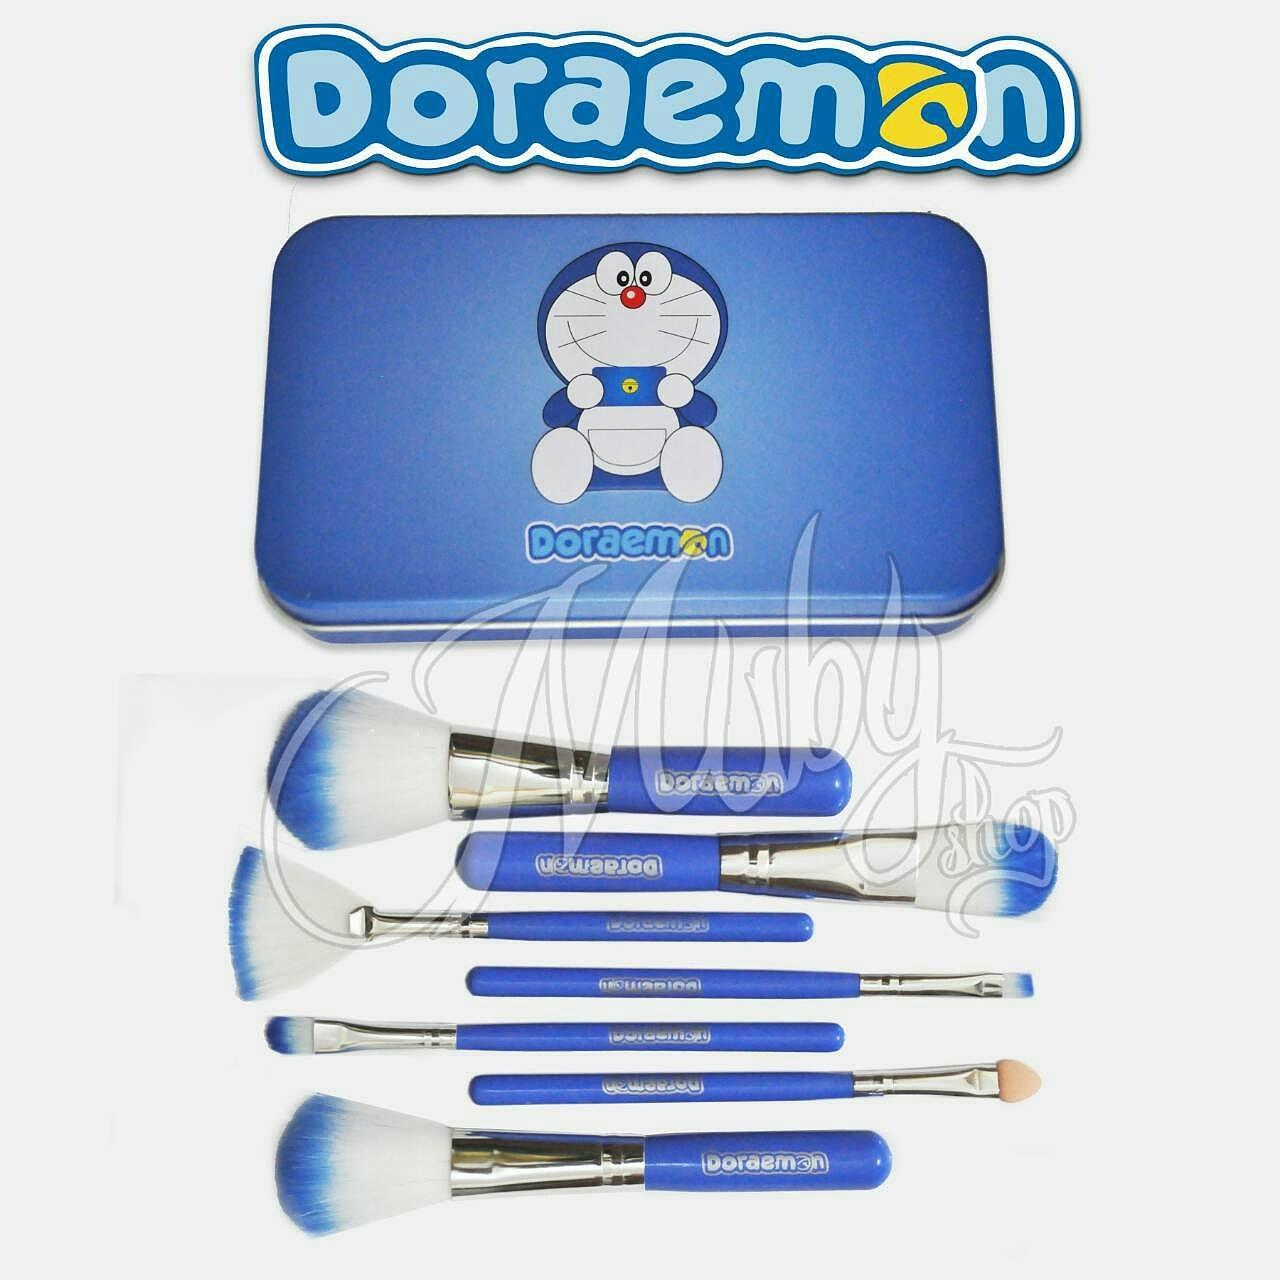 Mubyshop Shop Line Doraemon Brush Kaleng 7 In 1 Make Up Kuas 7pc